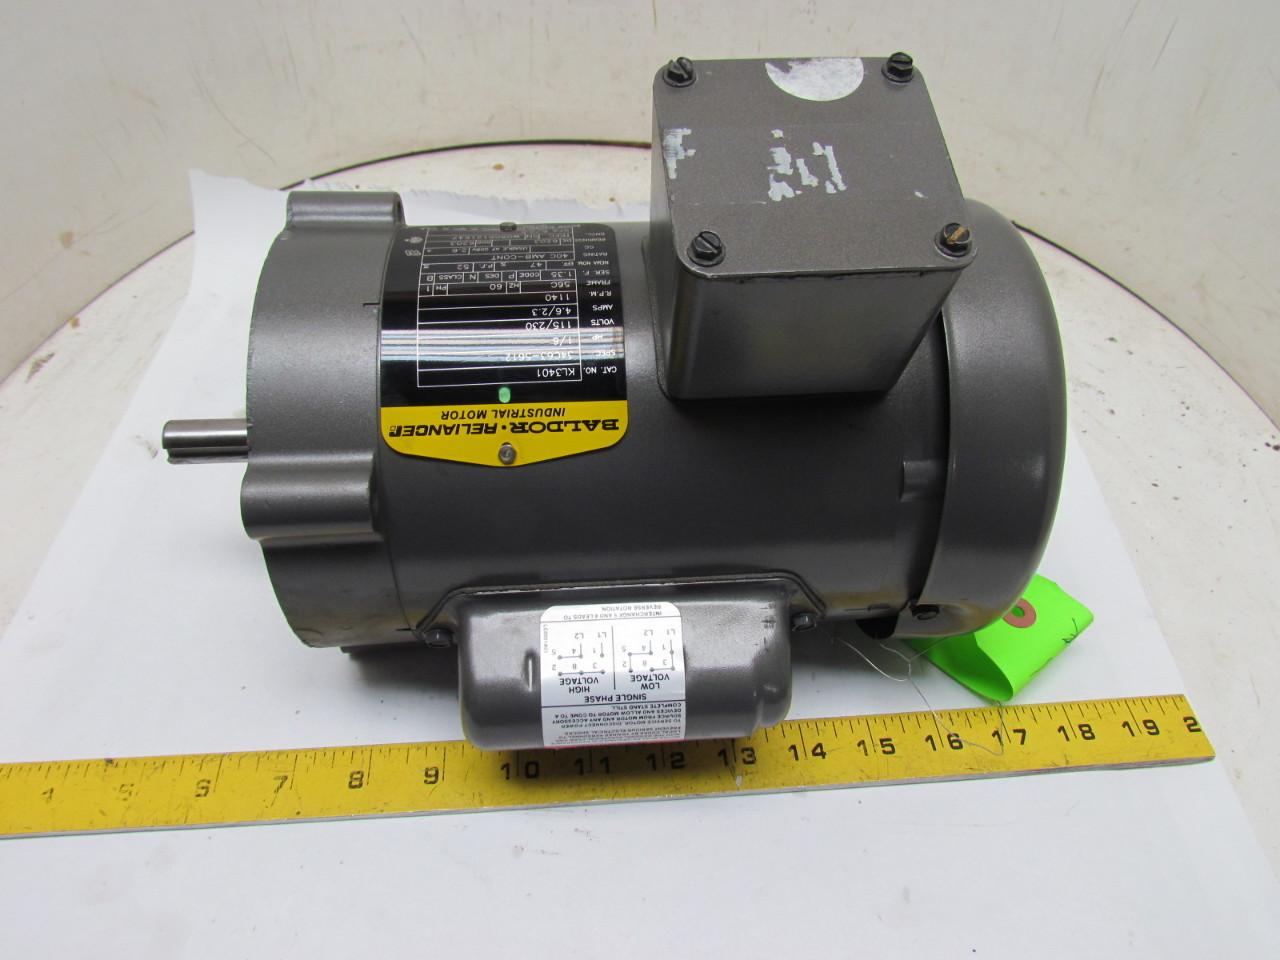 baldor reliance kl3401 single phase electric motor 1 6hp. Black Bedroom Furniture Sets. Home Design Ideas